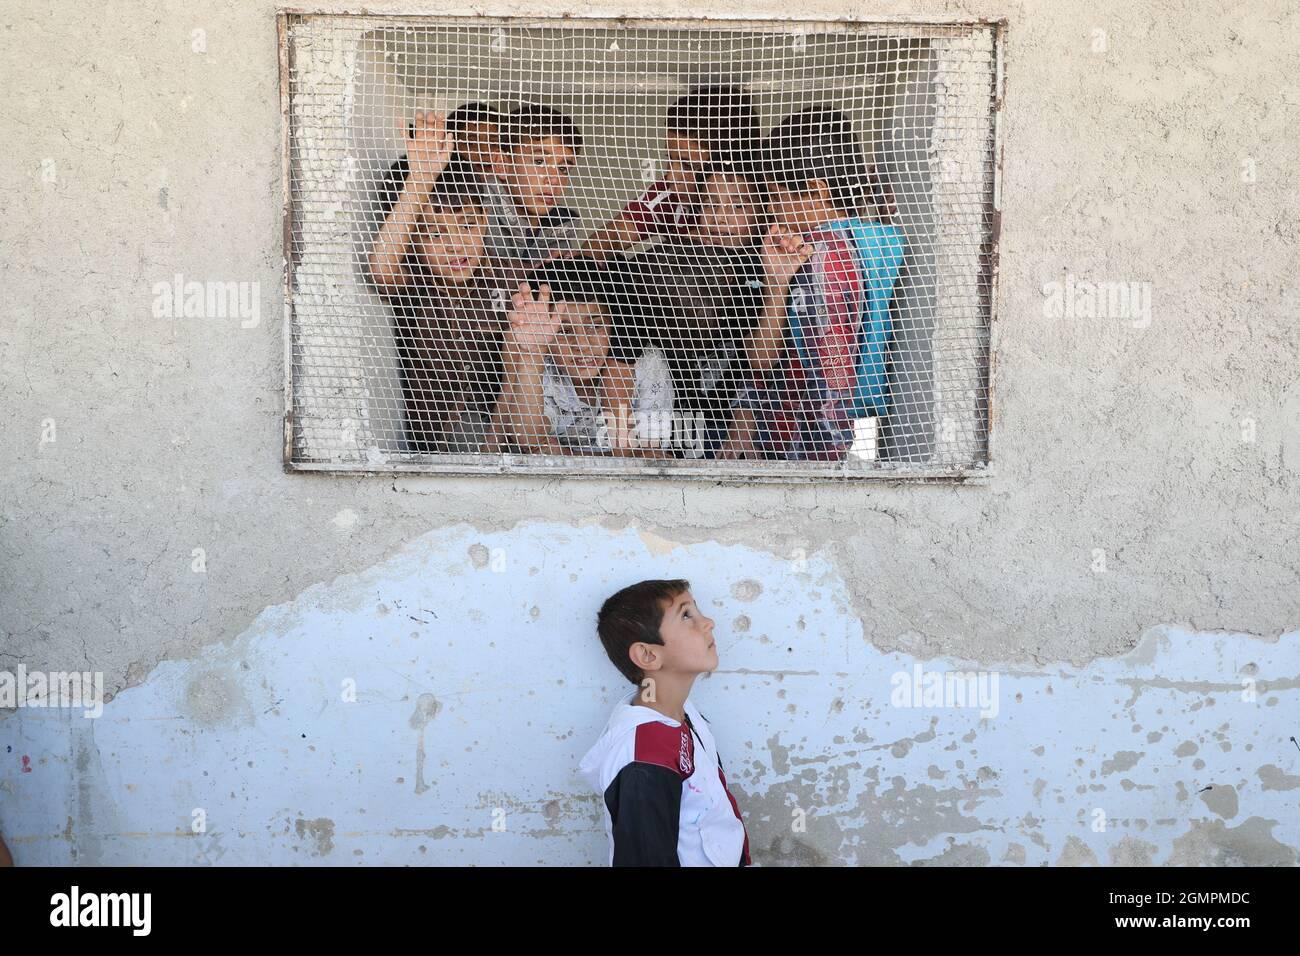 Afes, Syrien. September 2021. Die Schüler beginnen zu Beginn des Schuljahres in der AFEs-Stadtschule in Idlib, trotz der schlechten Bedingungen aufgrund eines Luftangriffs, der die Schule 2019 getroffen und teilweise zerstört hat. Quelle: Anas Alkharboutli/dpa/Alamy Live News Stockfoto